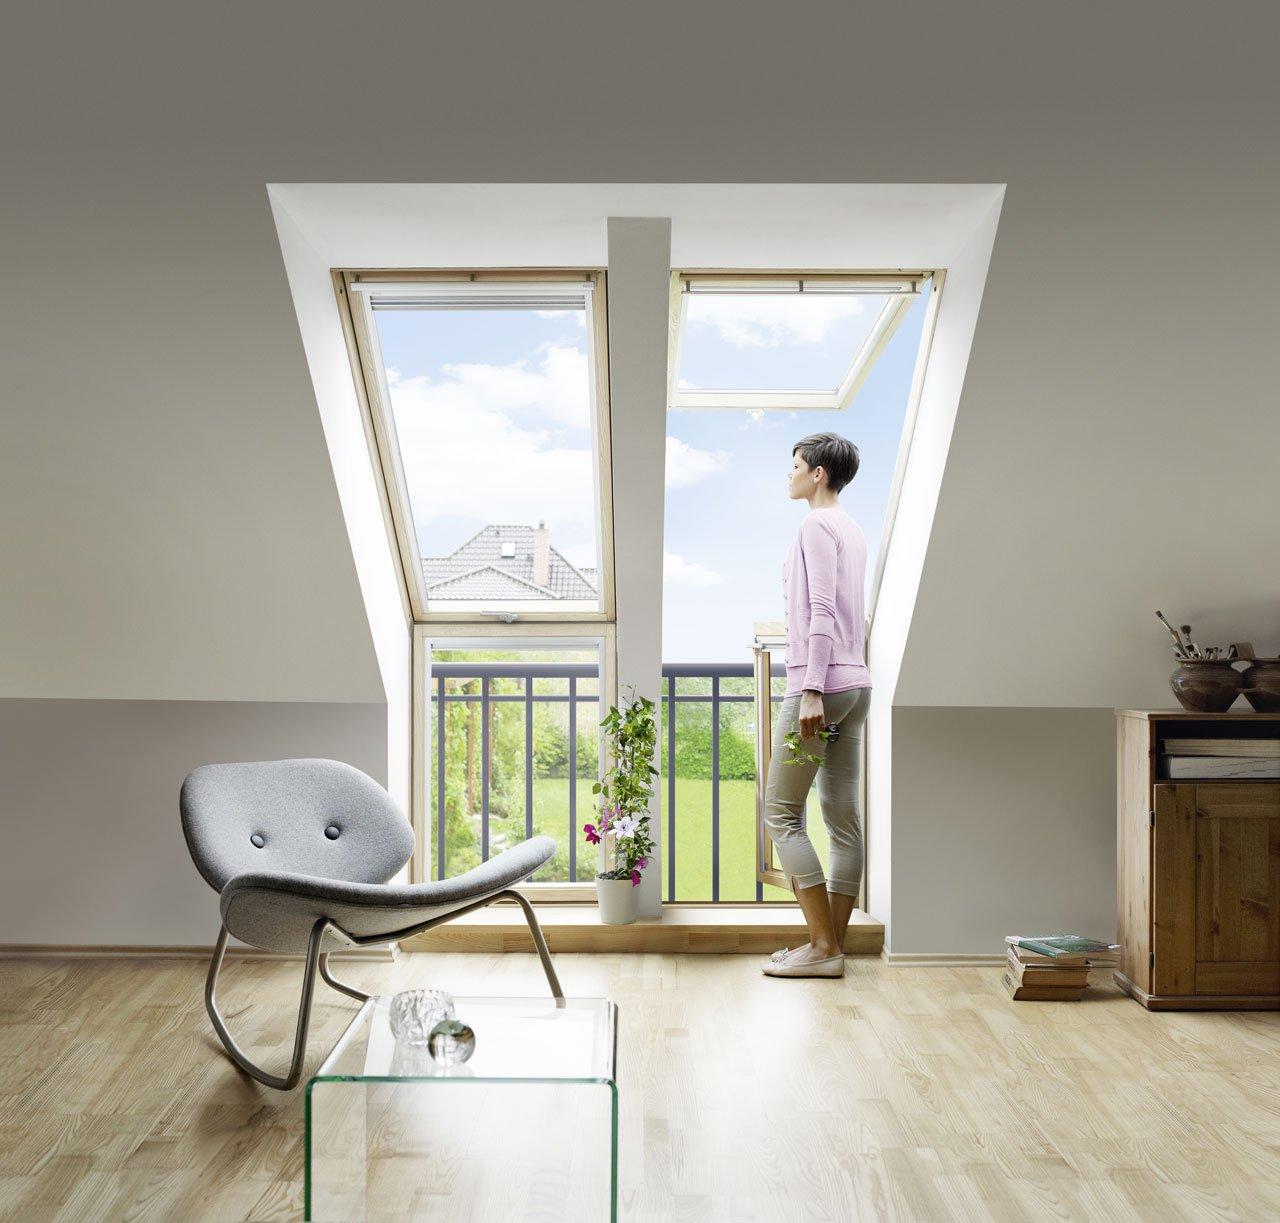 dachfenster mit balkon affordable fenster fr die fassade with dachfenster mit balkon blick aus. Black Bedroom Furniture Sets. Home Design Ideas